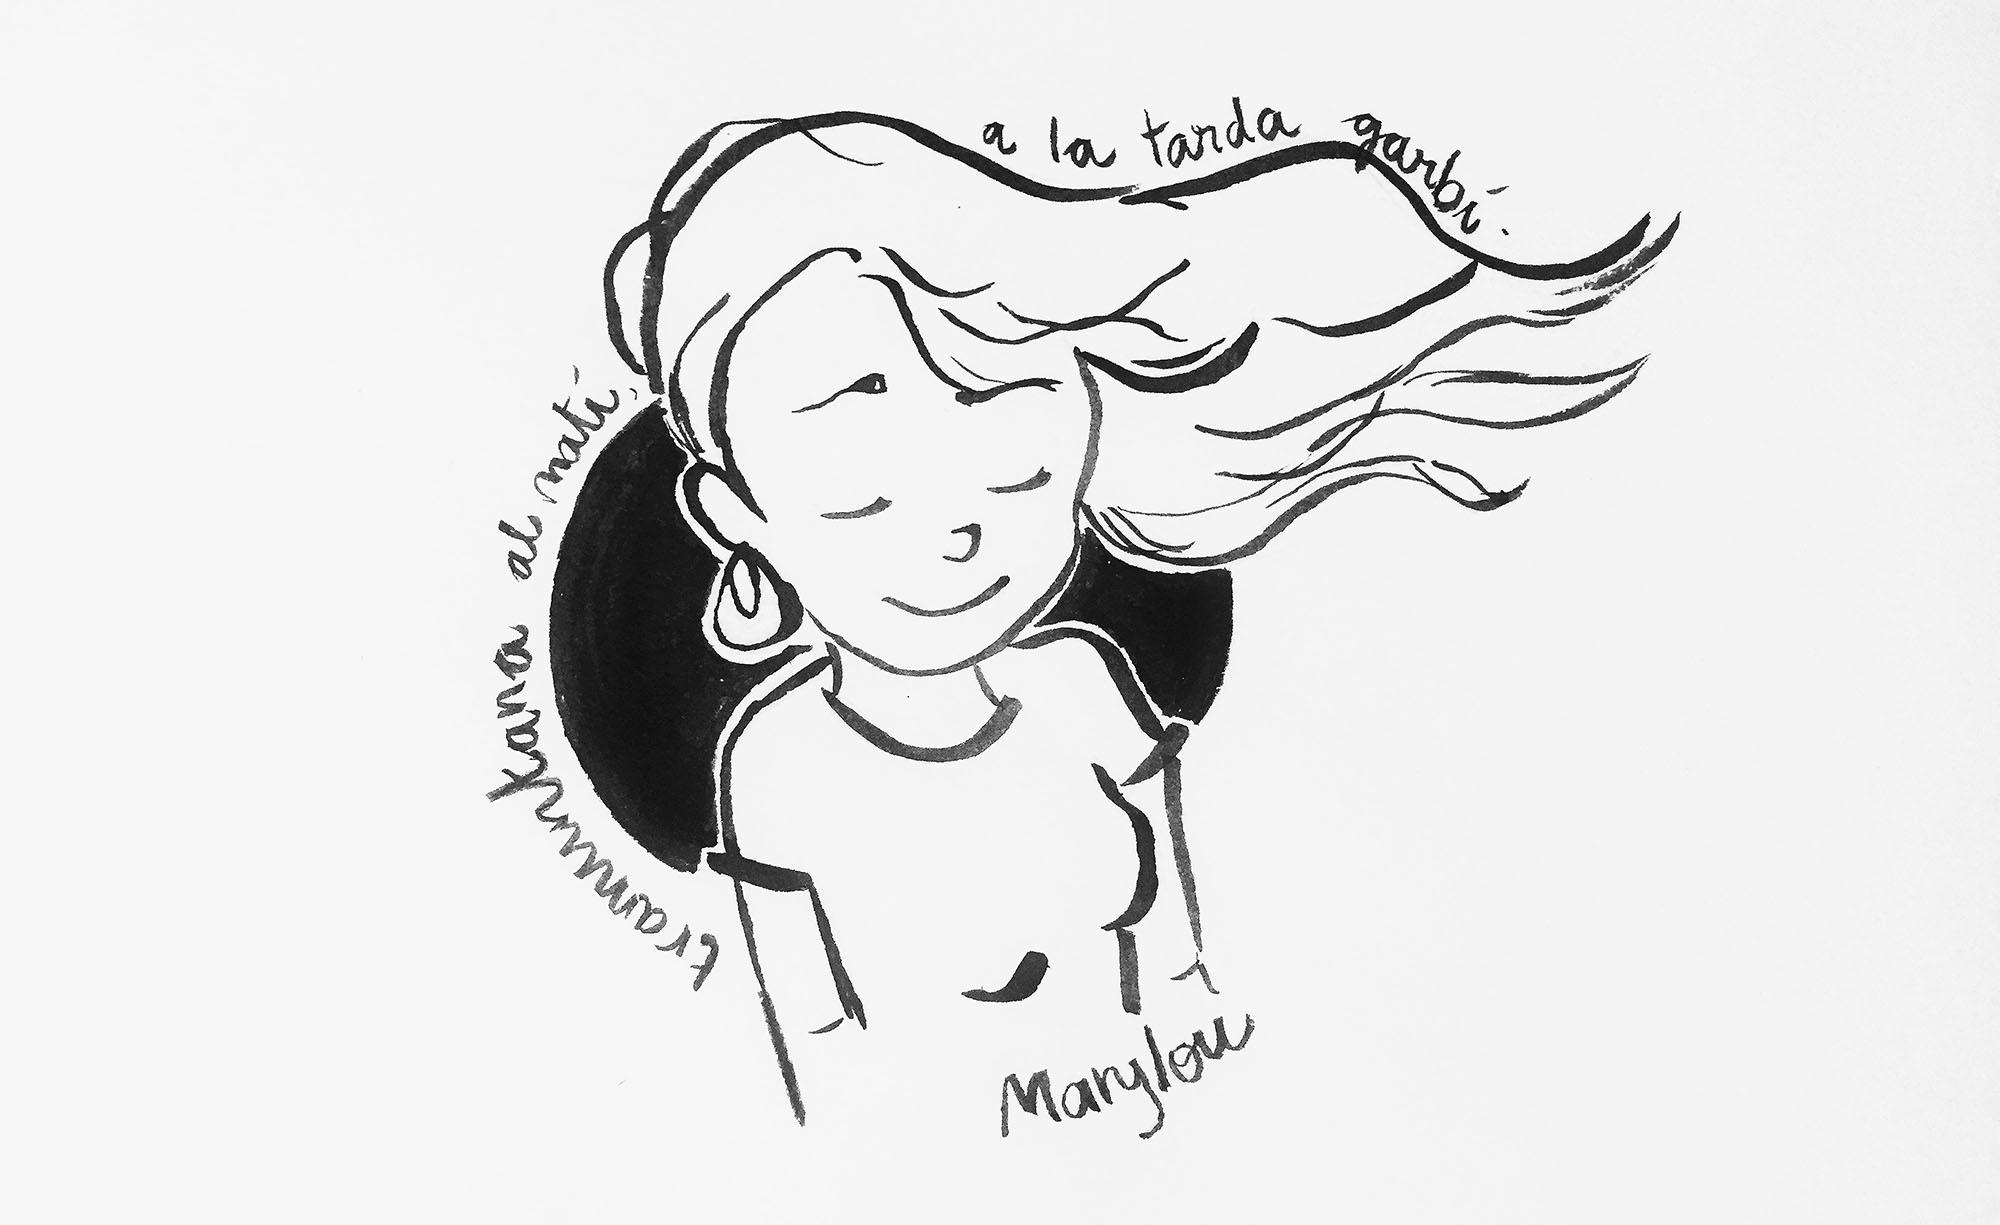 """Una noia amb els cabells onejant i escrita la dita """"Tramuntana al matí a la tarda garbí"""""""